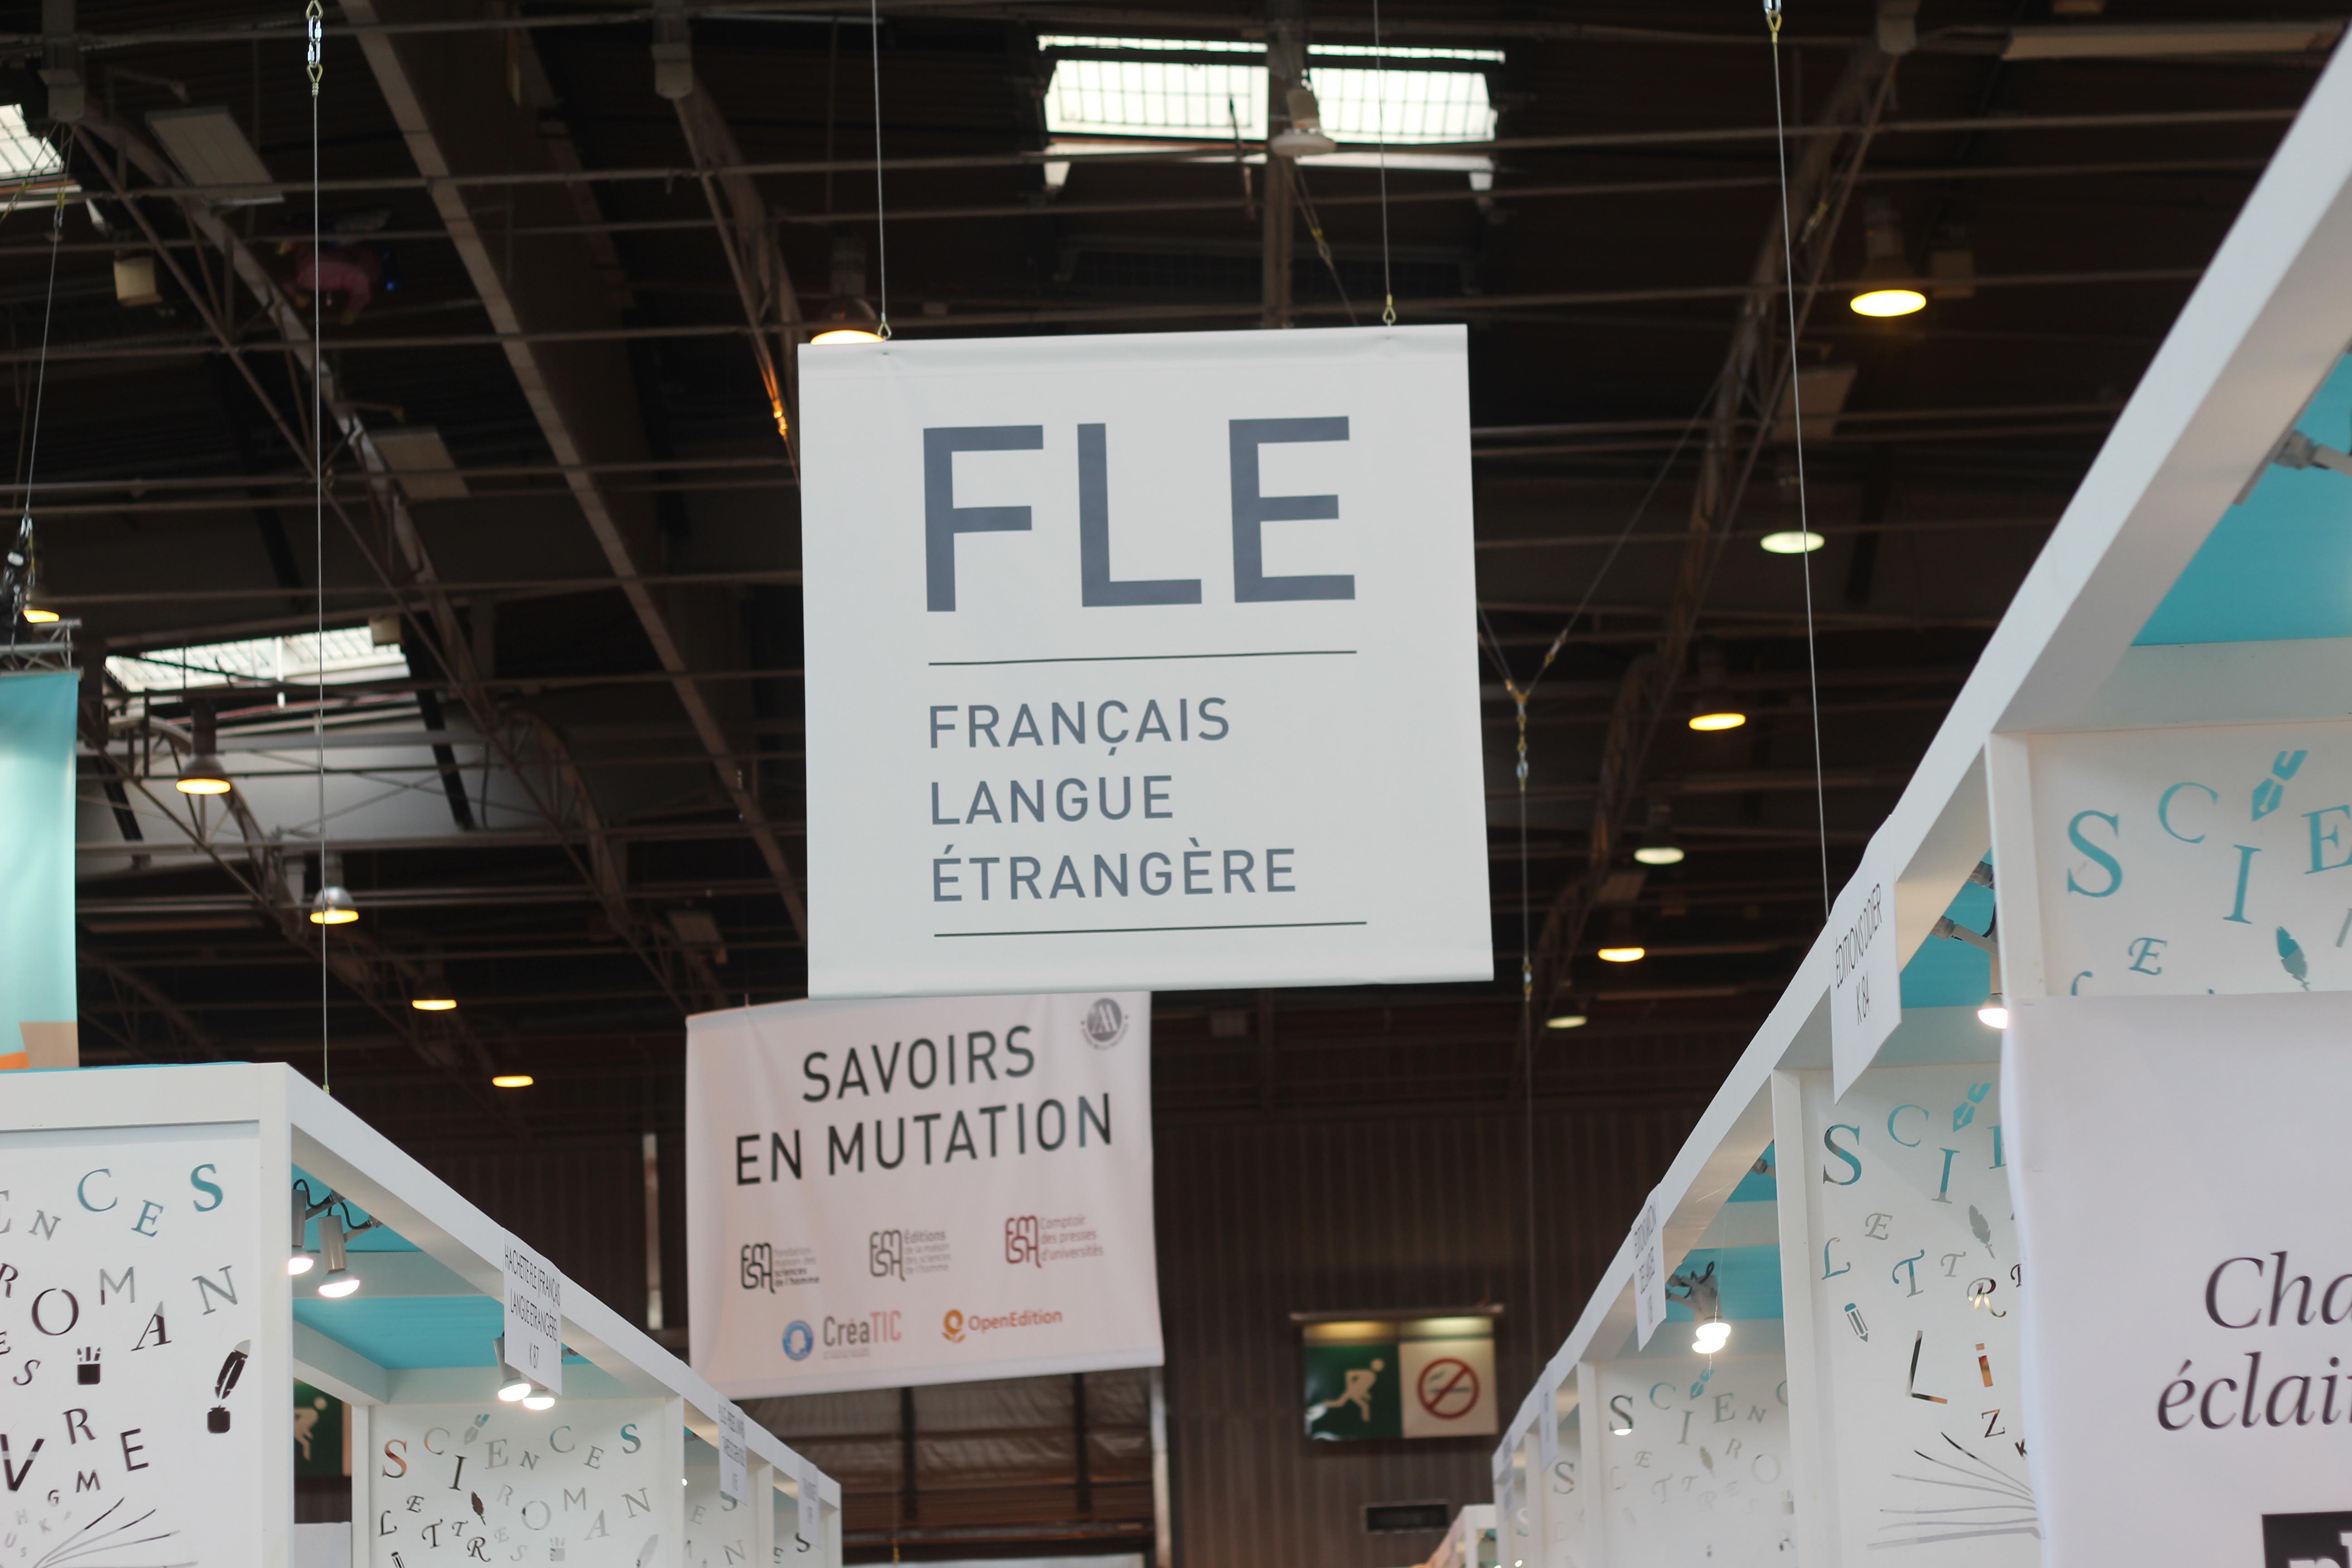 File Fle Francais Langue Etrangere Salon Du Livre De